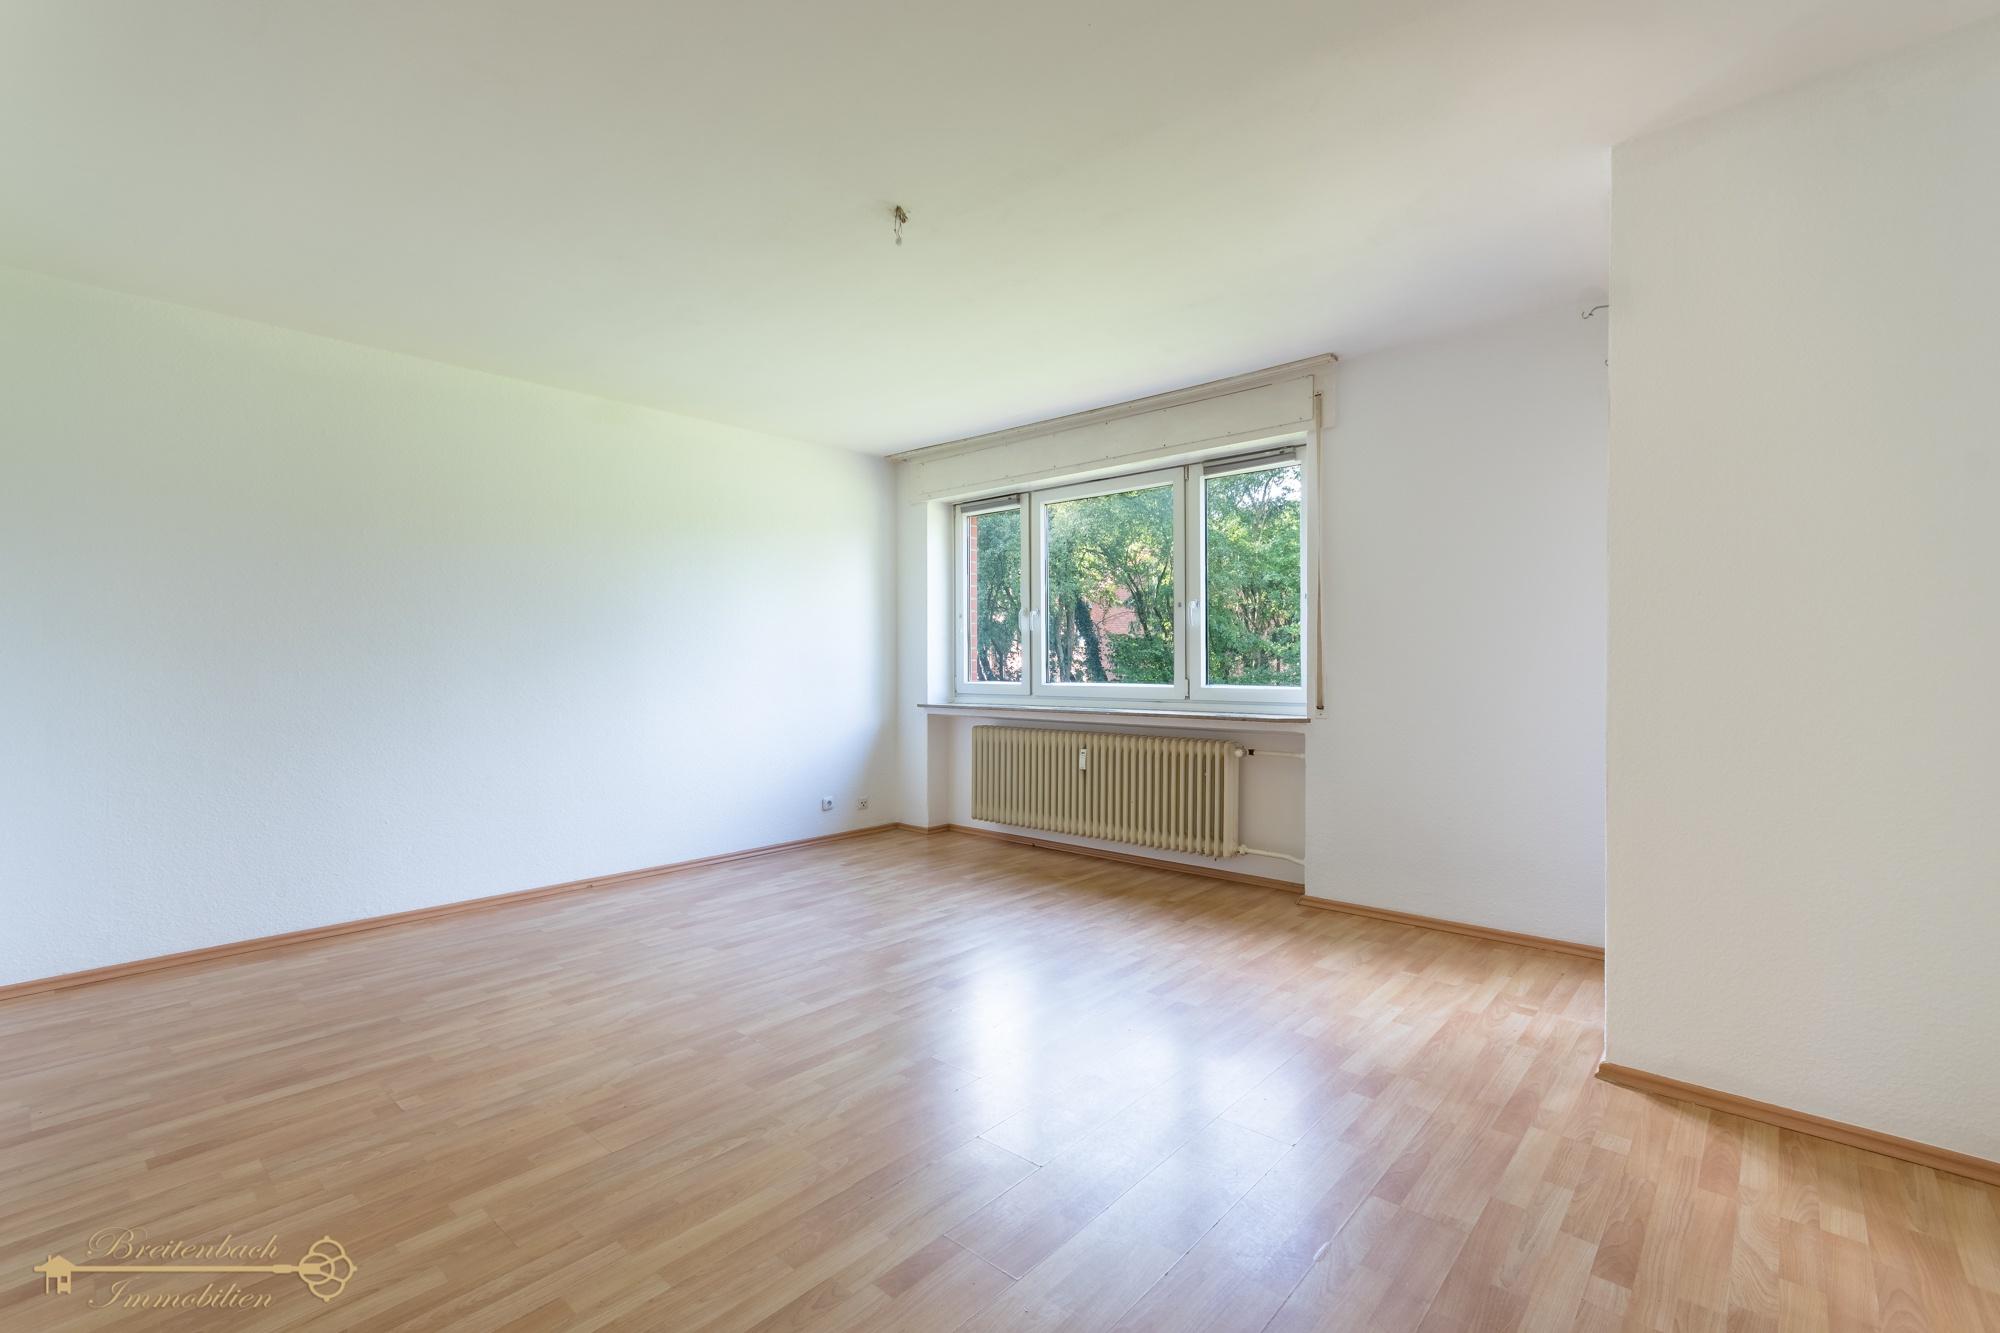 2020-09-26-Breitenbach-Immobilien-13